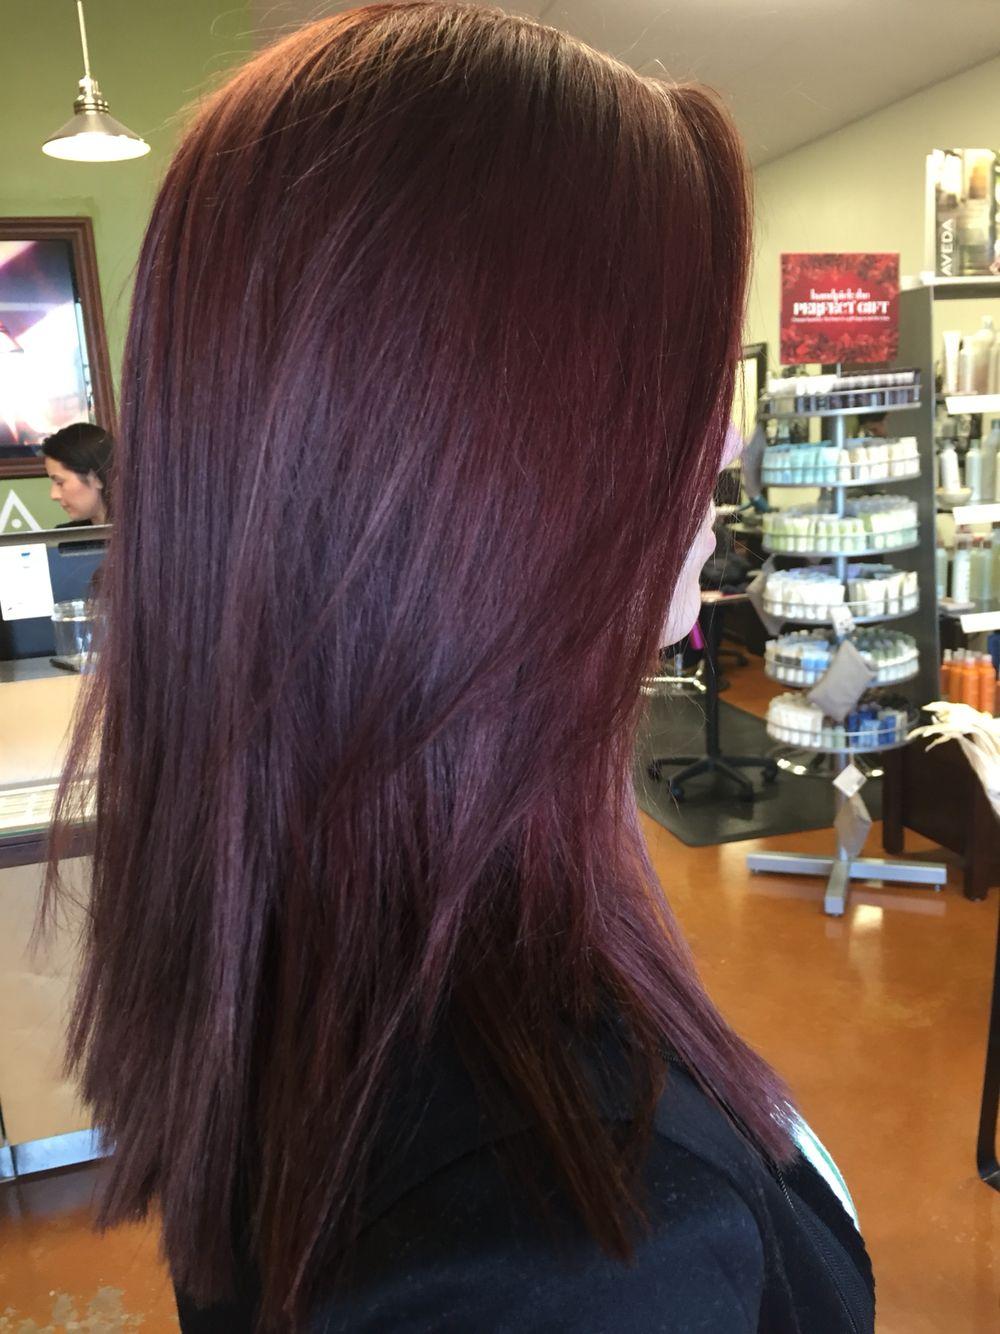 Frisuren farbe ausprobieren